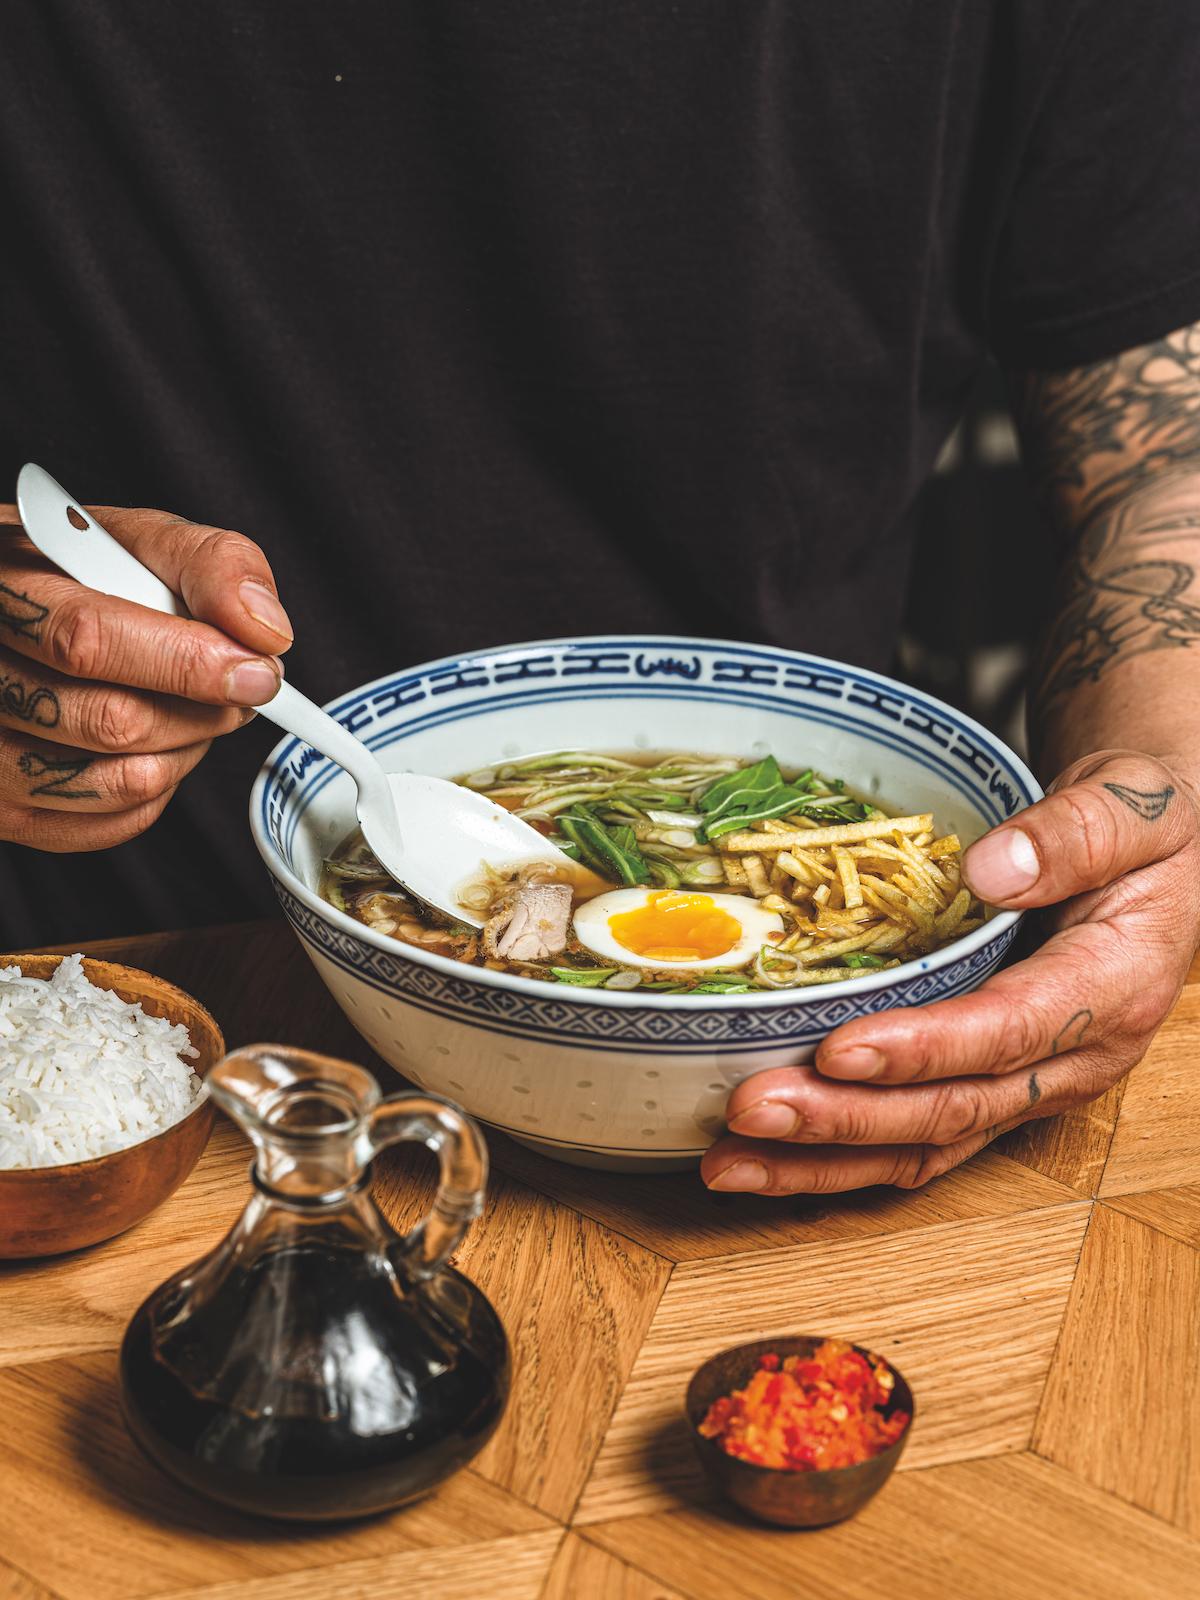 Op deze foto zie je een man met een bord van Moeders' saotosoep van chefkok London Loy